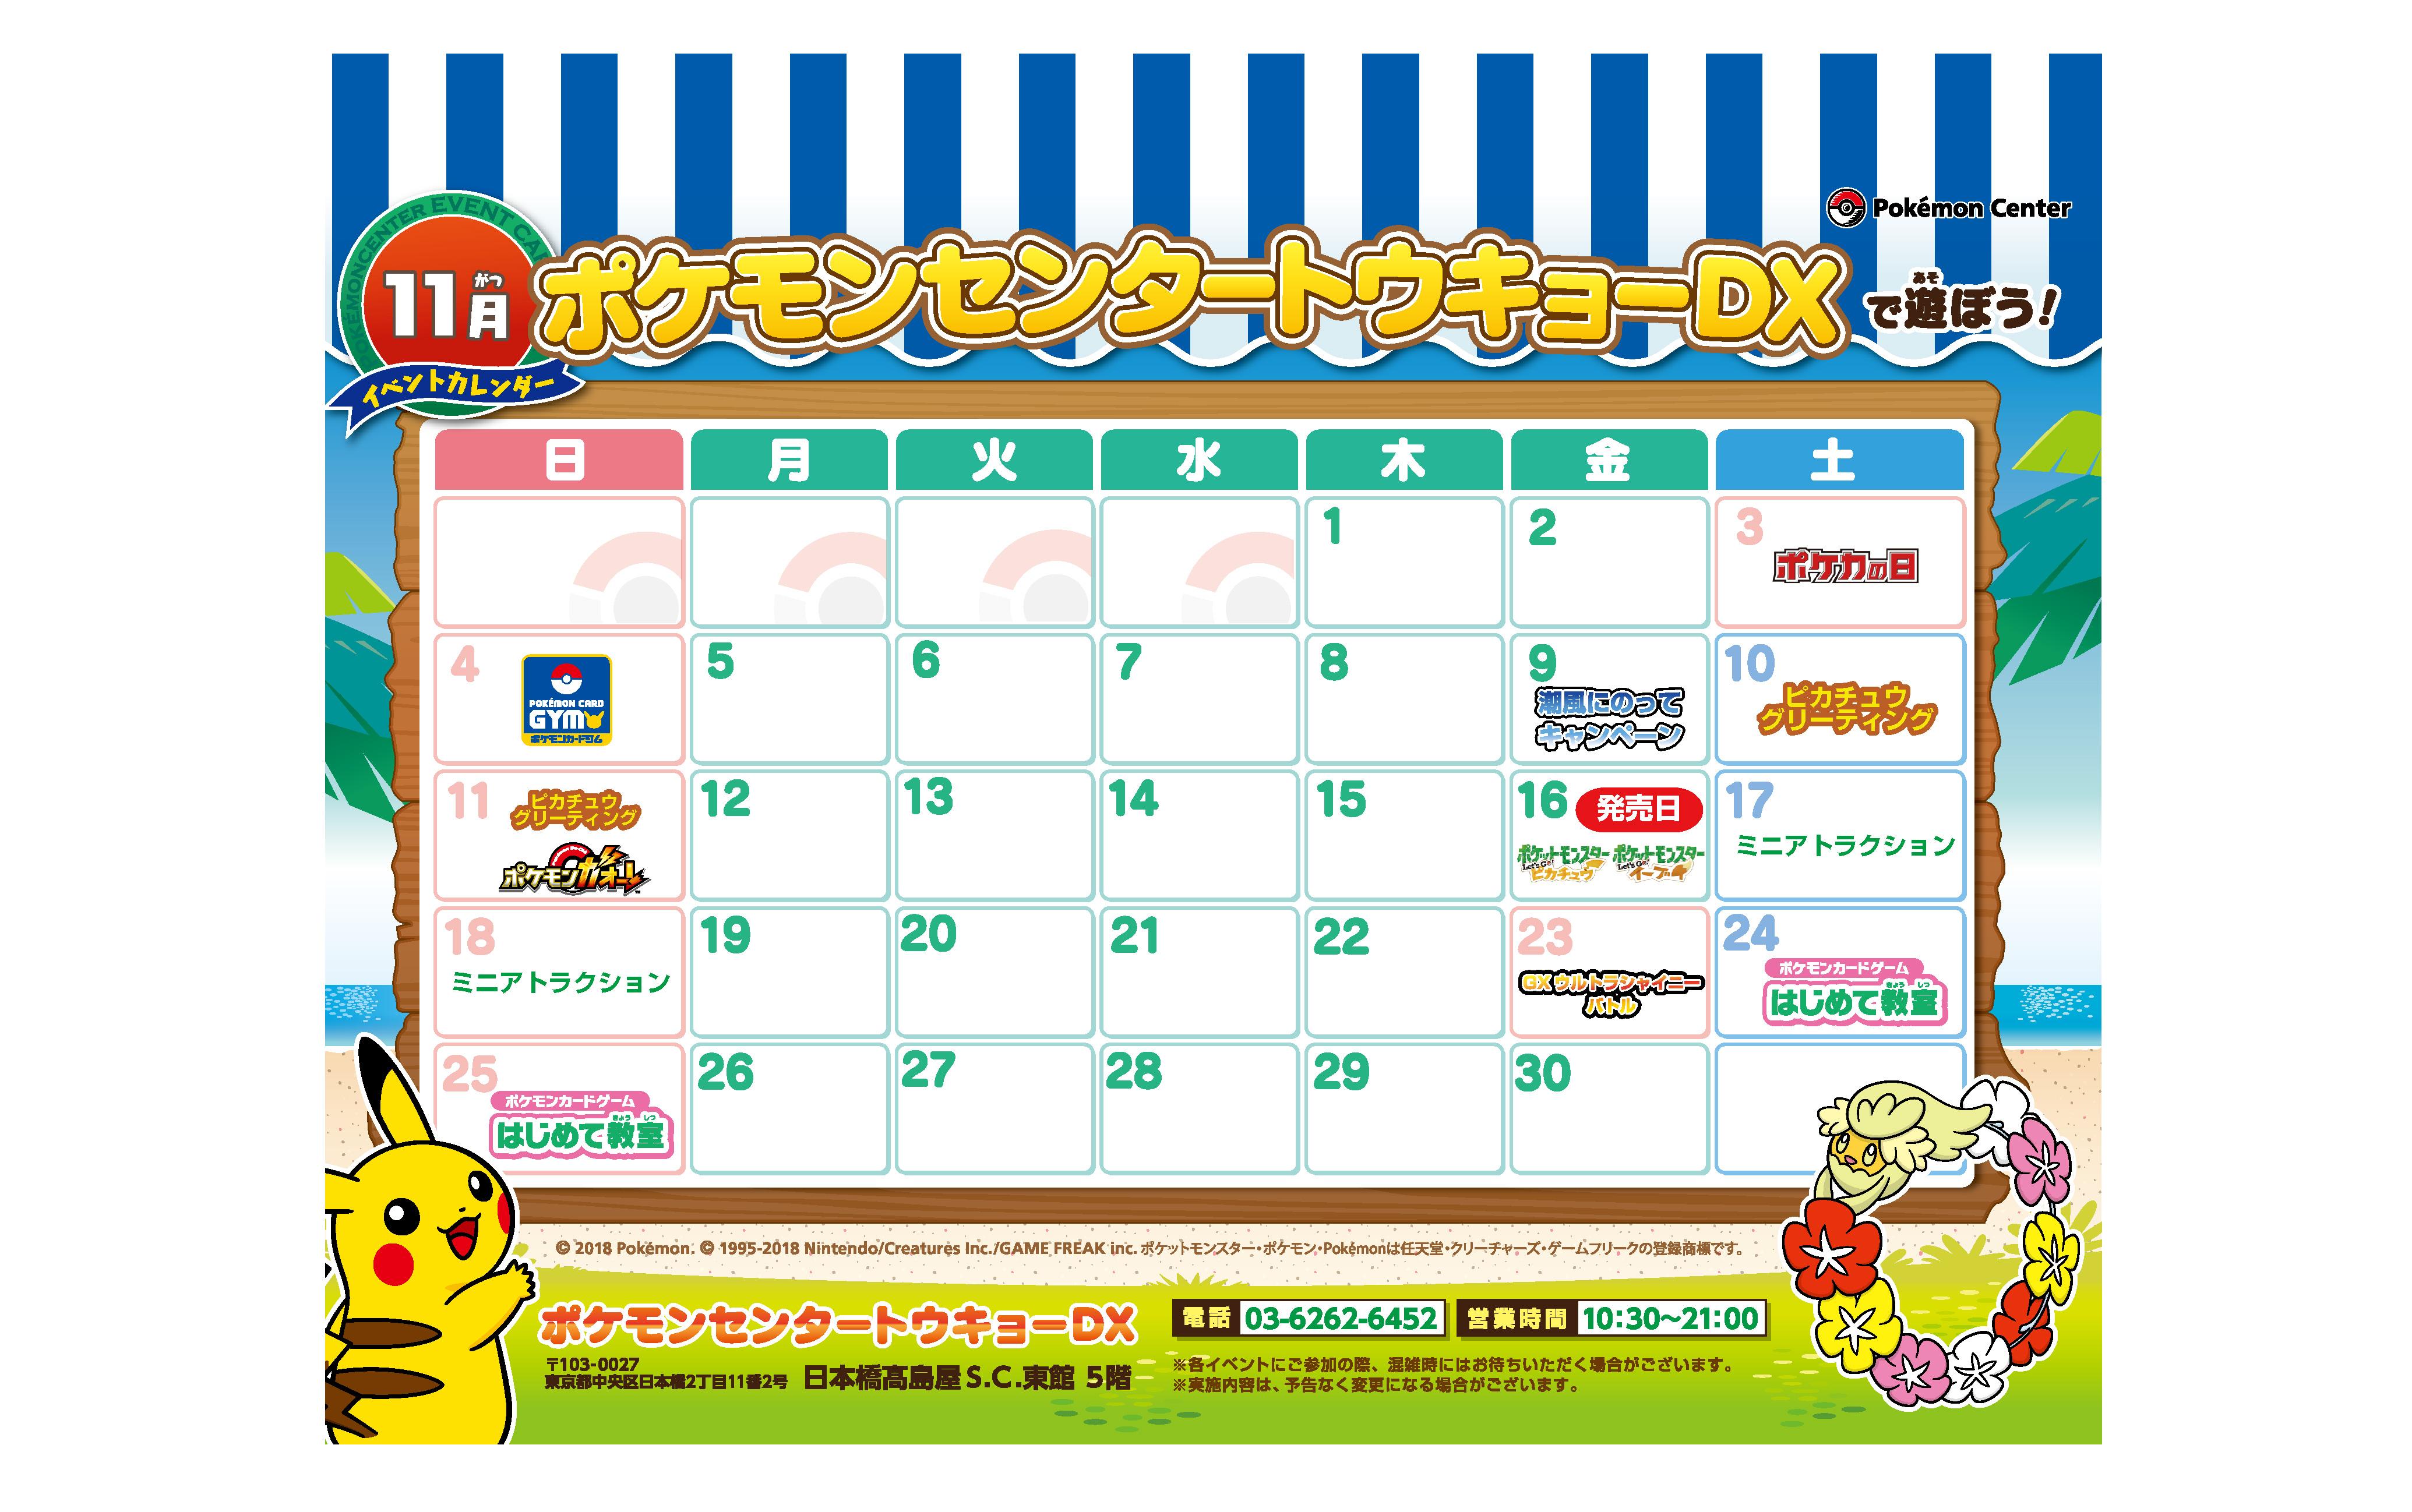 ポケモンセンタートウキョーdx】11月開催イベントのお知らせ|ポケモン